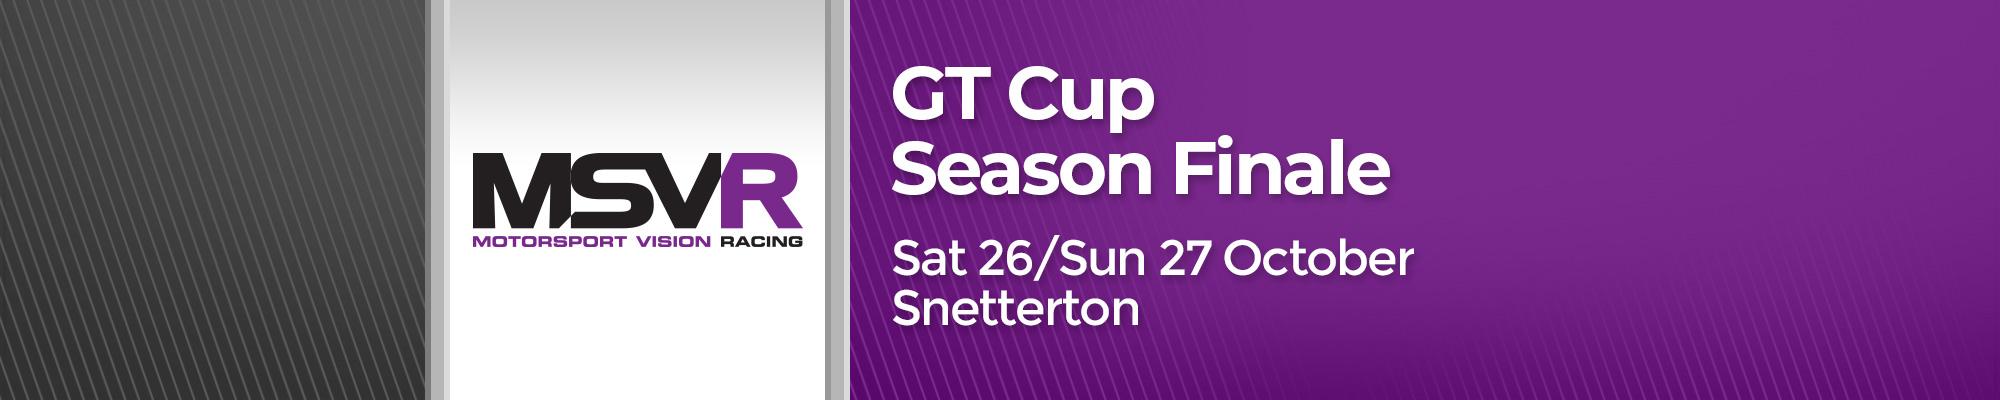 GT Cup Season Finale